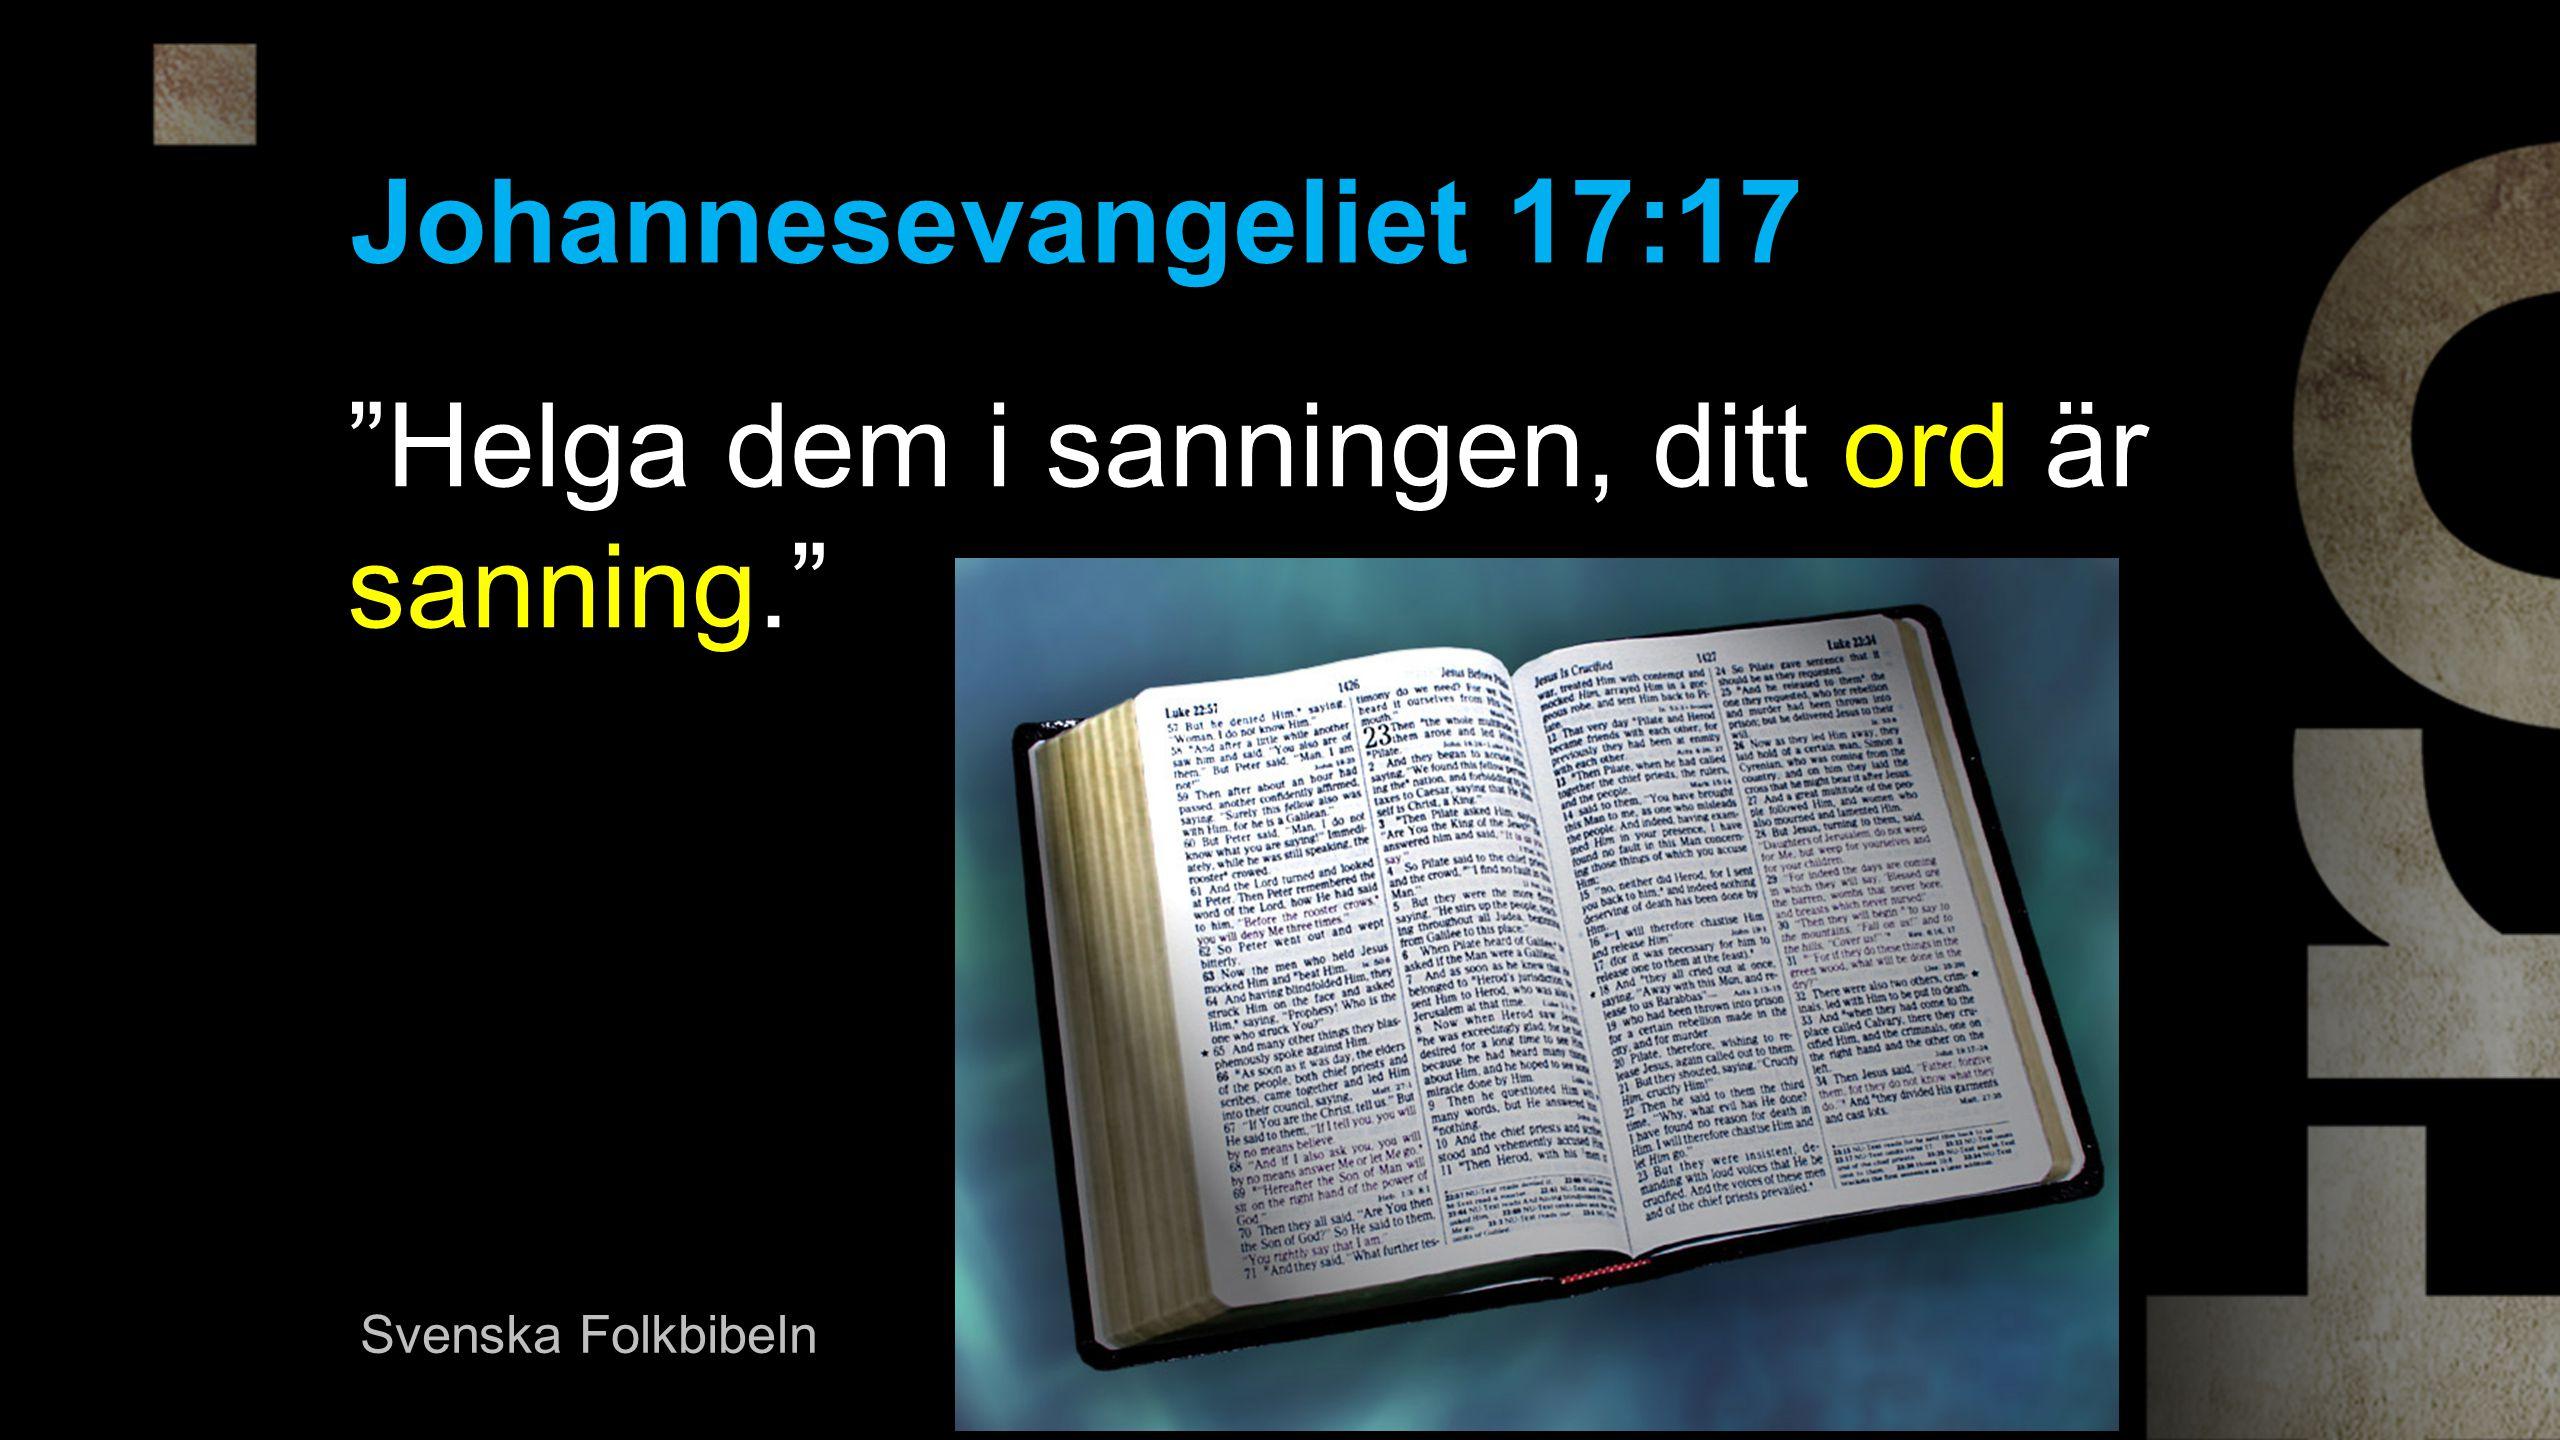 Helga dem i sanningen, ditt ord är sanning. Johannesevangeliet 17:17 Svenska Folkbibeln